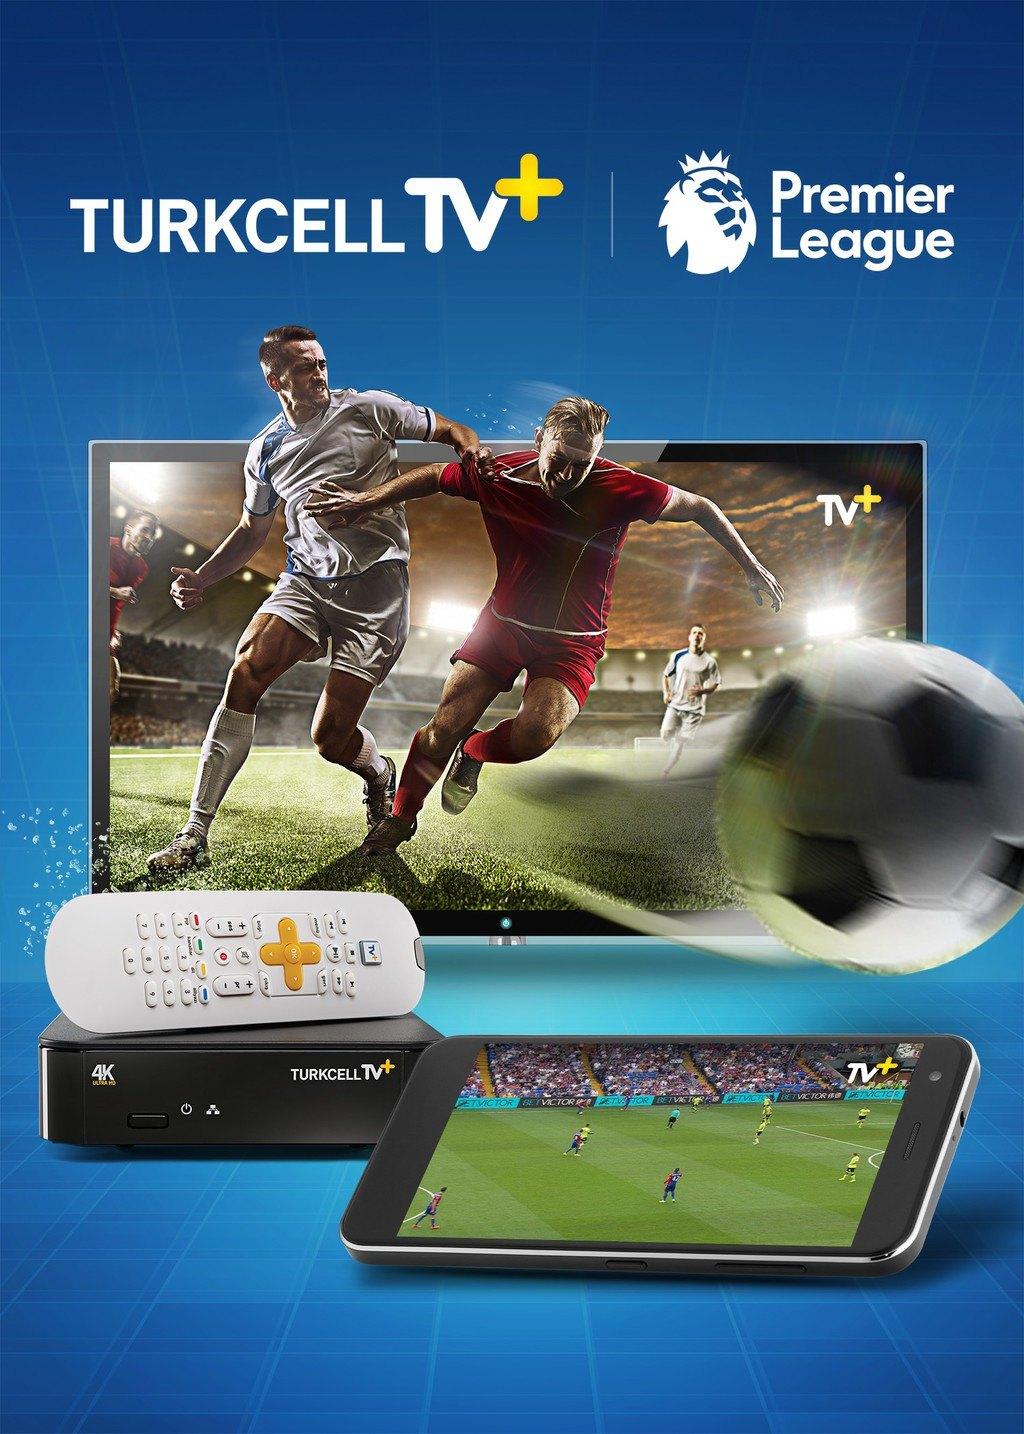 turkcell tv+ premier lig